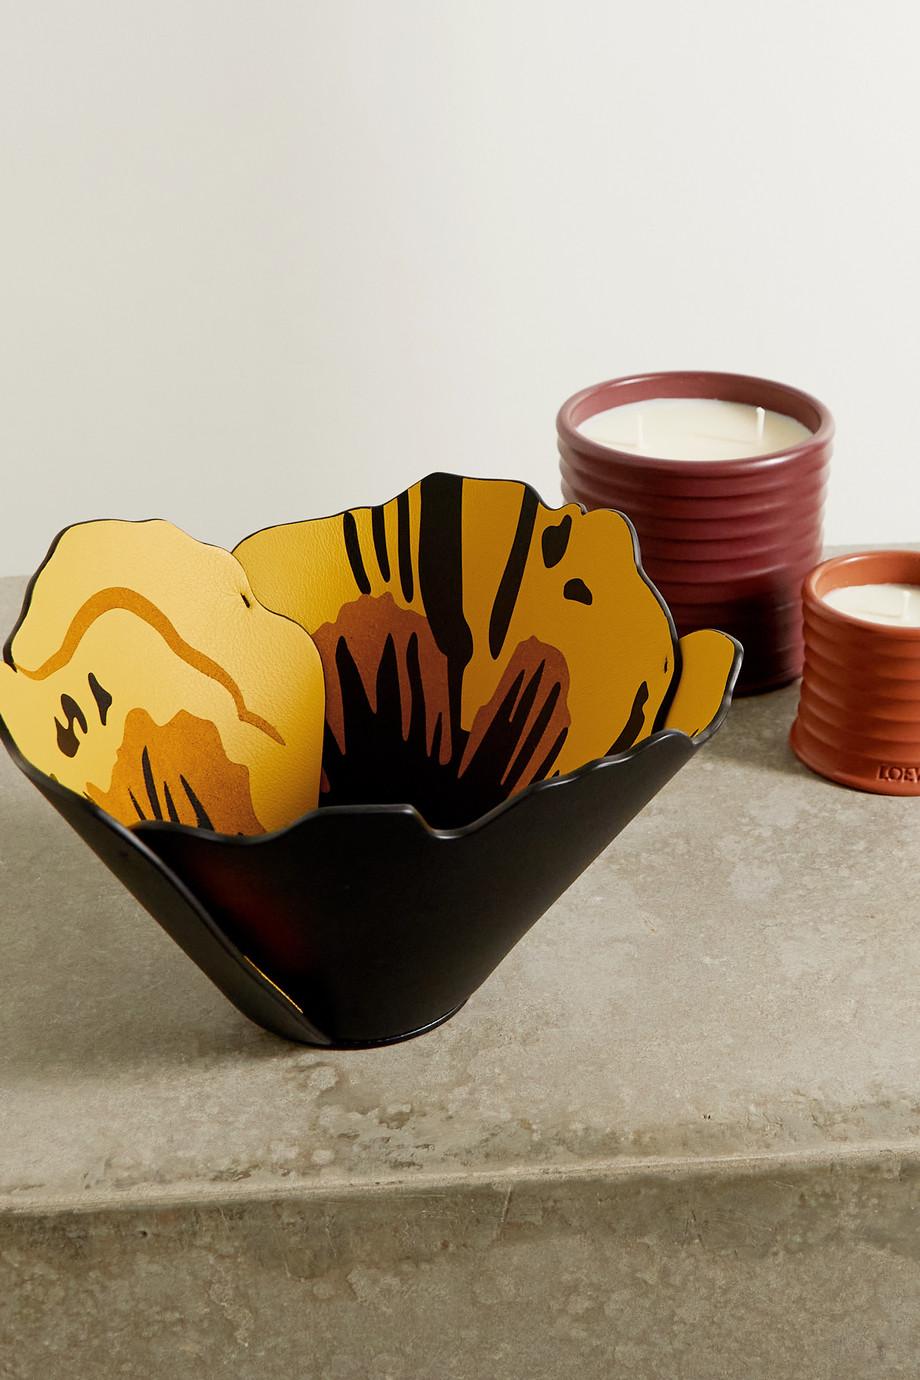 Loewe Floral-print leather vase